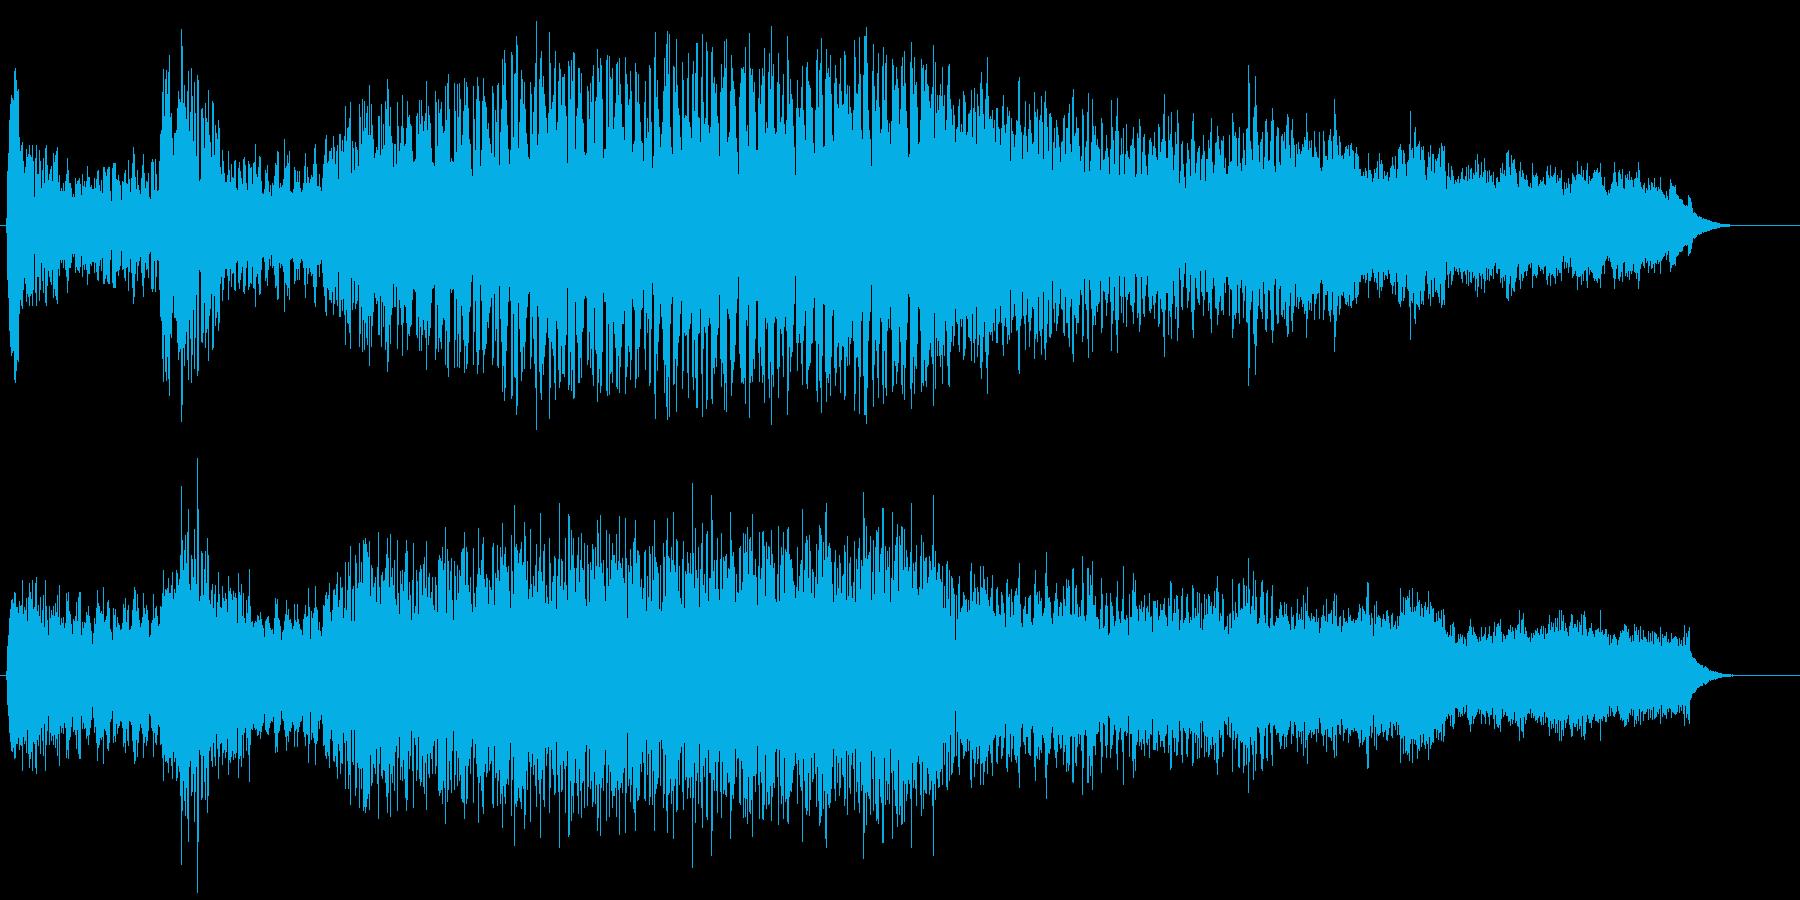 集団戦闘用の再生済みの波形